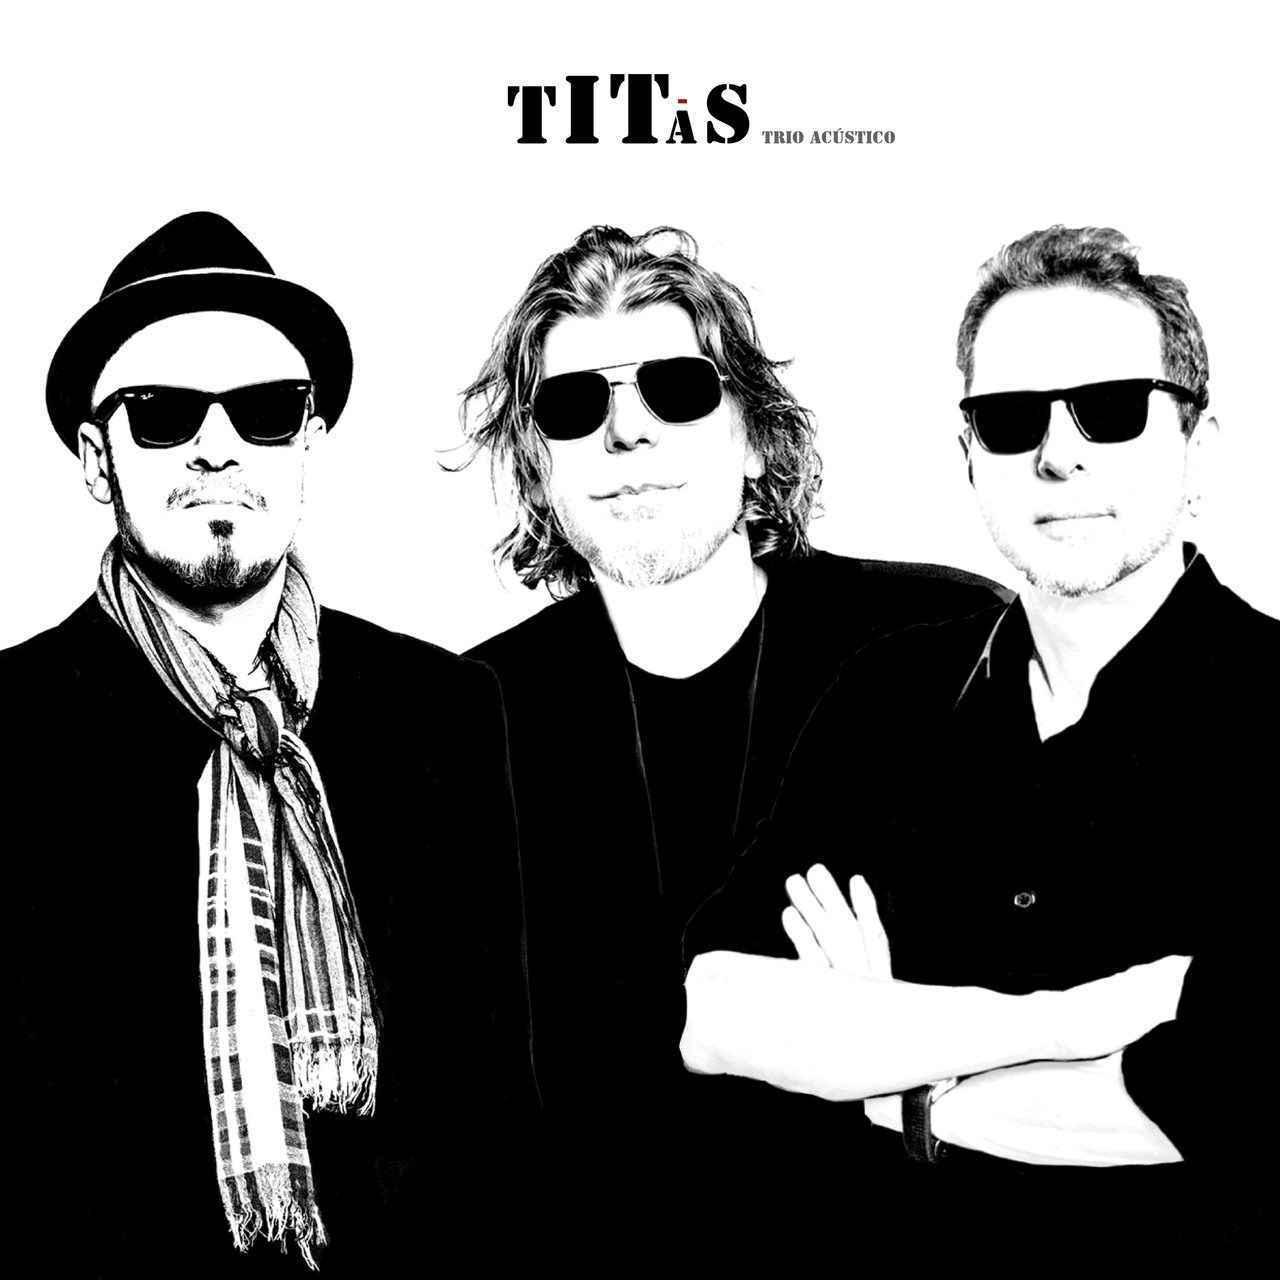 Capa da edição física do projeto Trio Acústico